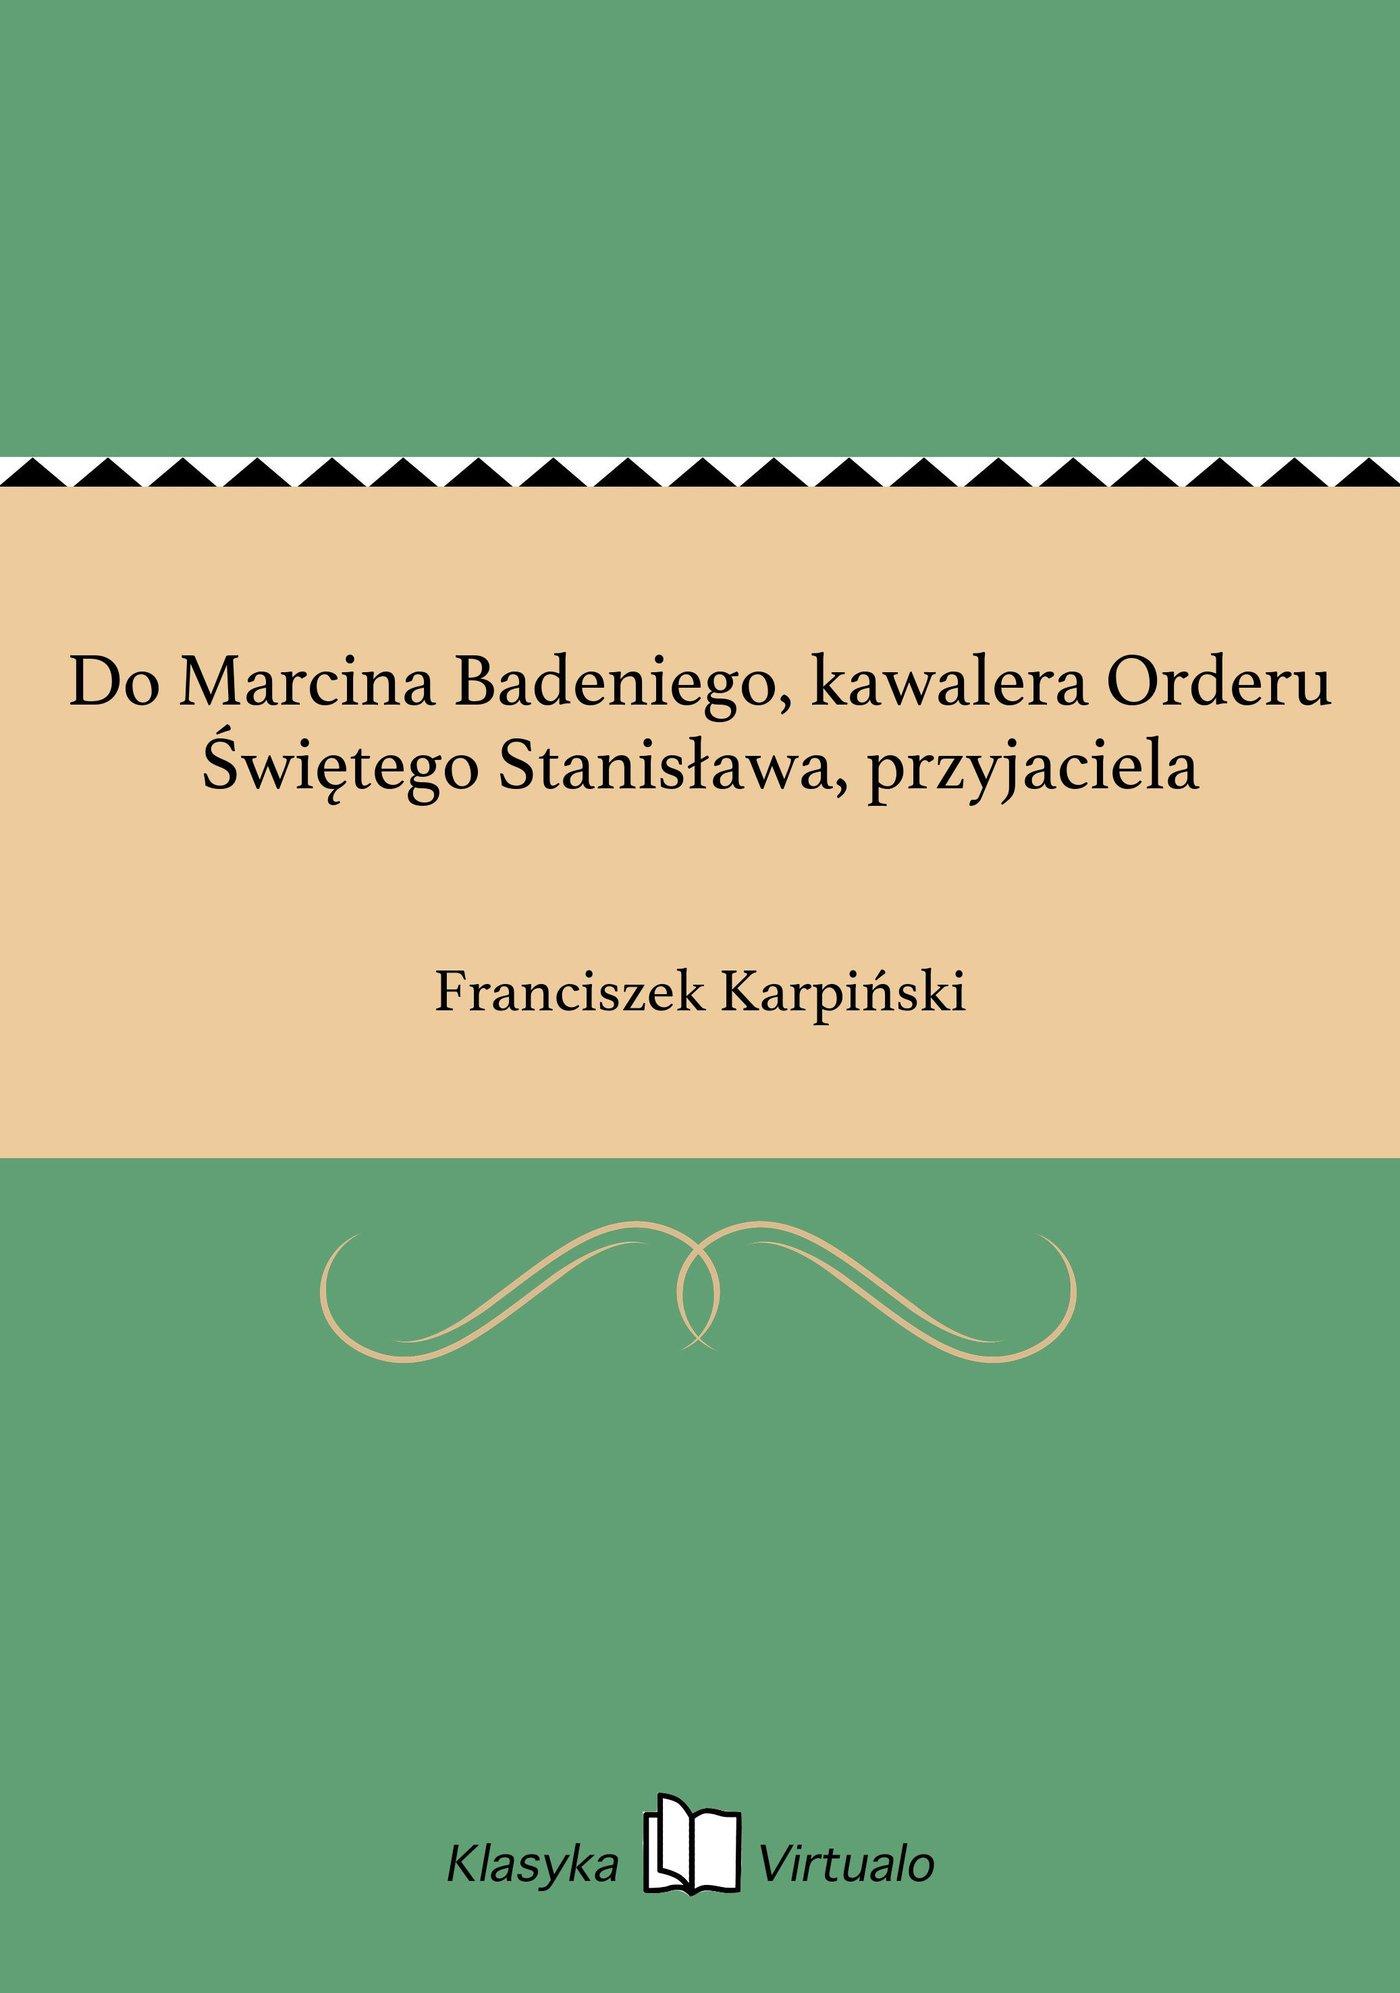 Do Marcina Badeniego, kawalera Orderu Świętego Stanisława, przyjaciela - Ebook (Książka EPUB) do pobrania w formacie EPUB